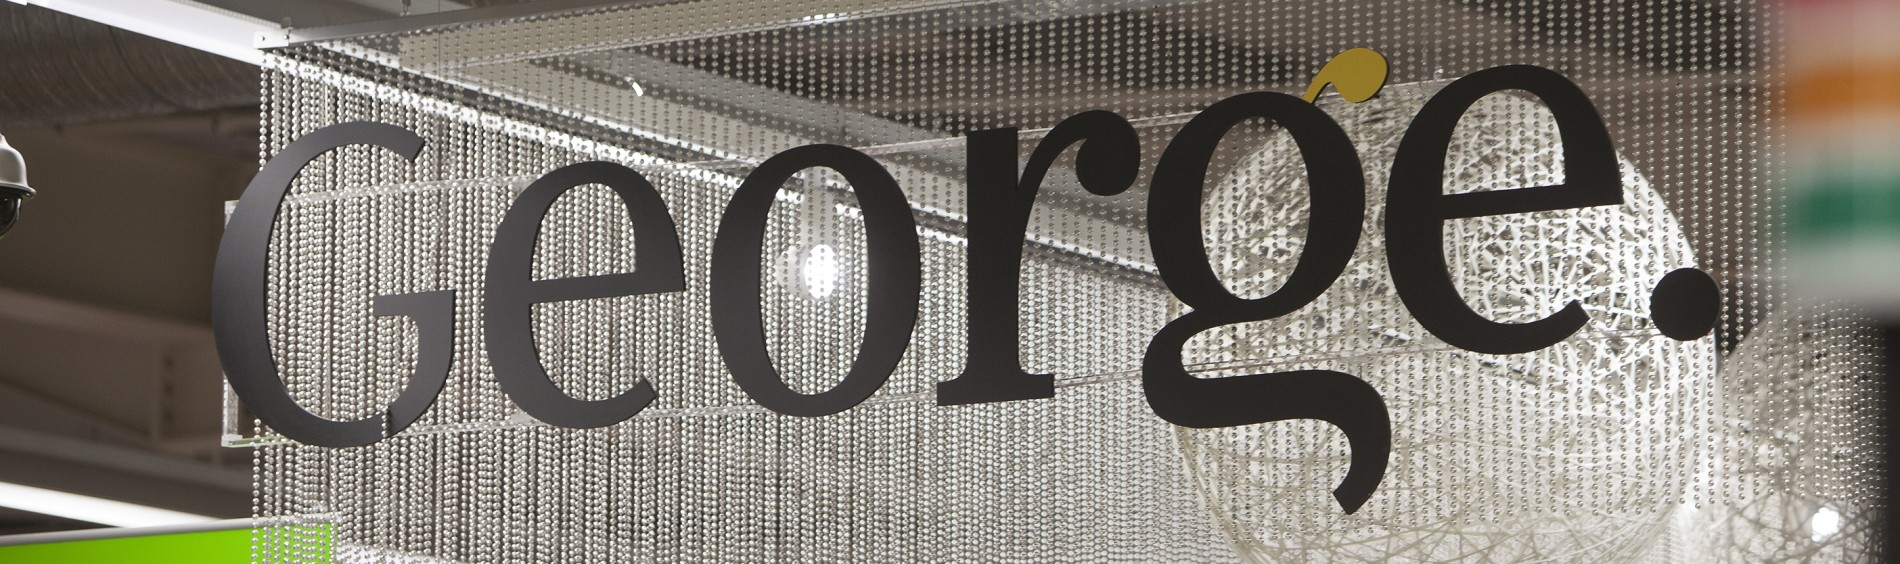 """天花板上挂着一个部门的标志,上面写着""""乔治""""。"""